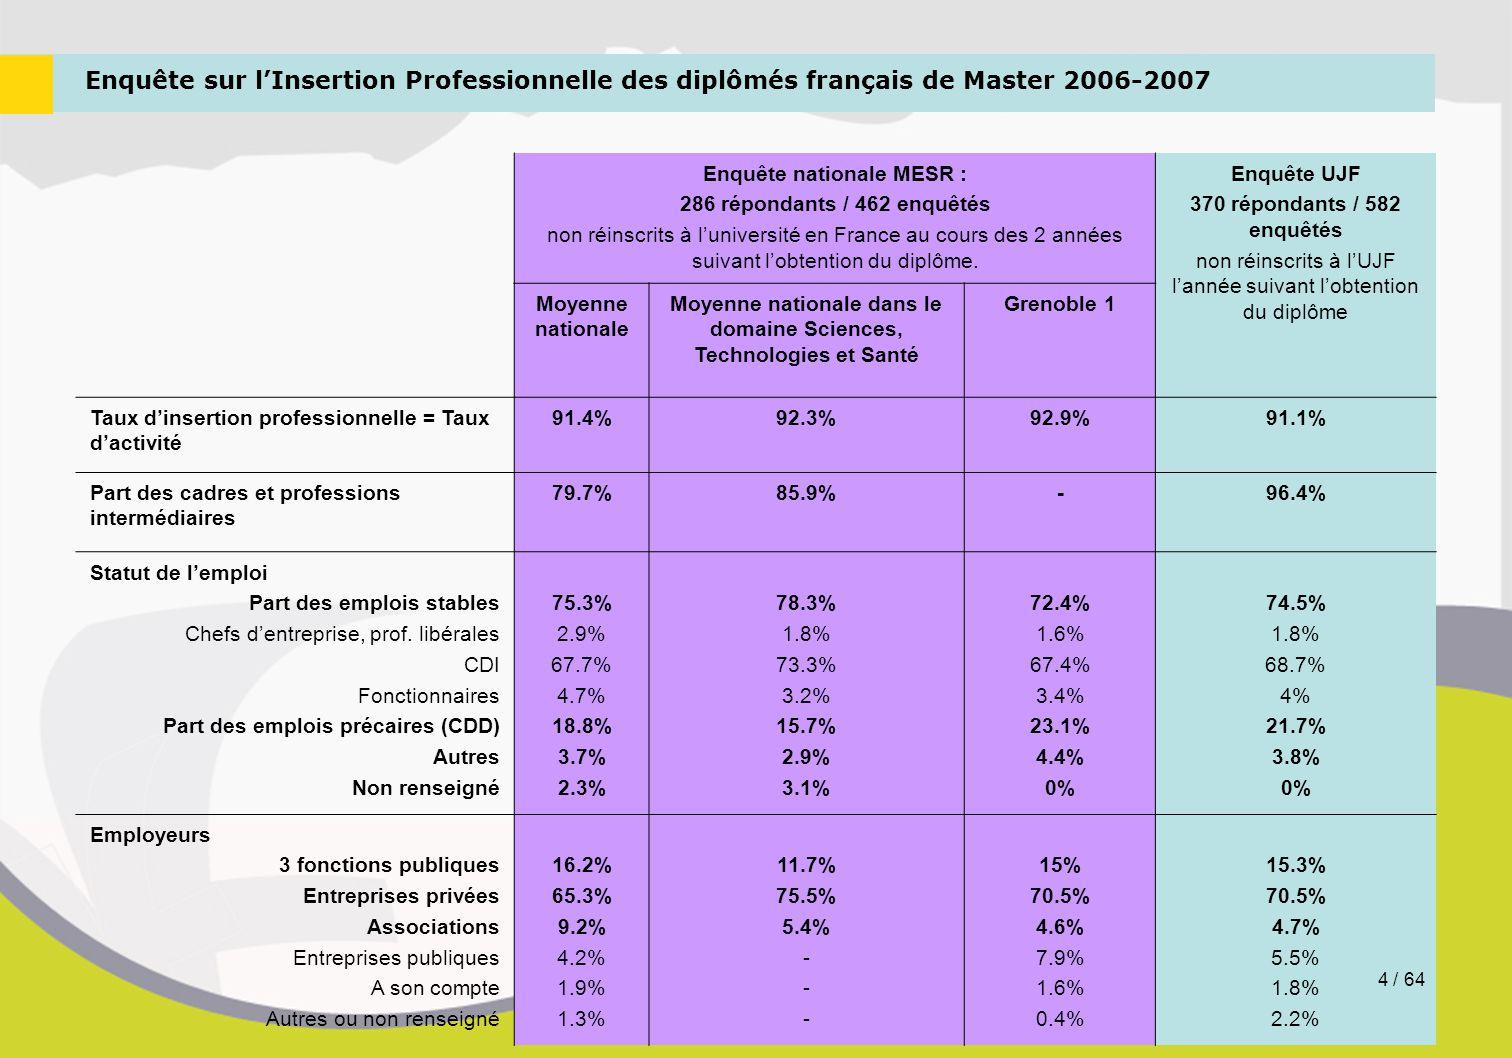 Enquête sur l'Insertion Professionnelle des diplômés français de Master 2006-2007 Enquête nationale MESR : 286 répondants / 462 enquêtés non réinscrit